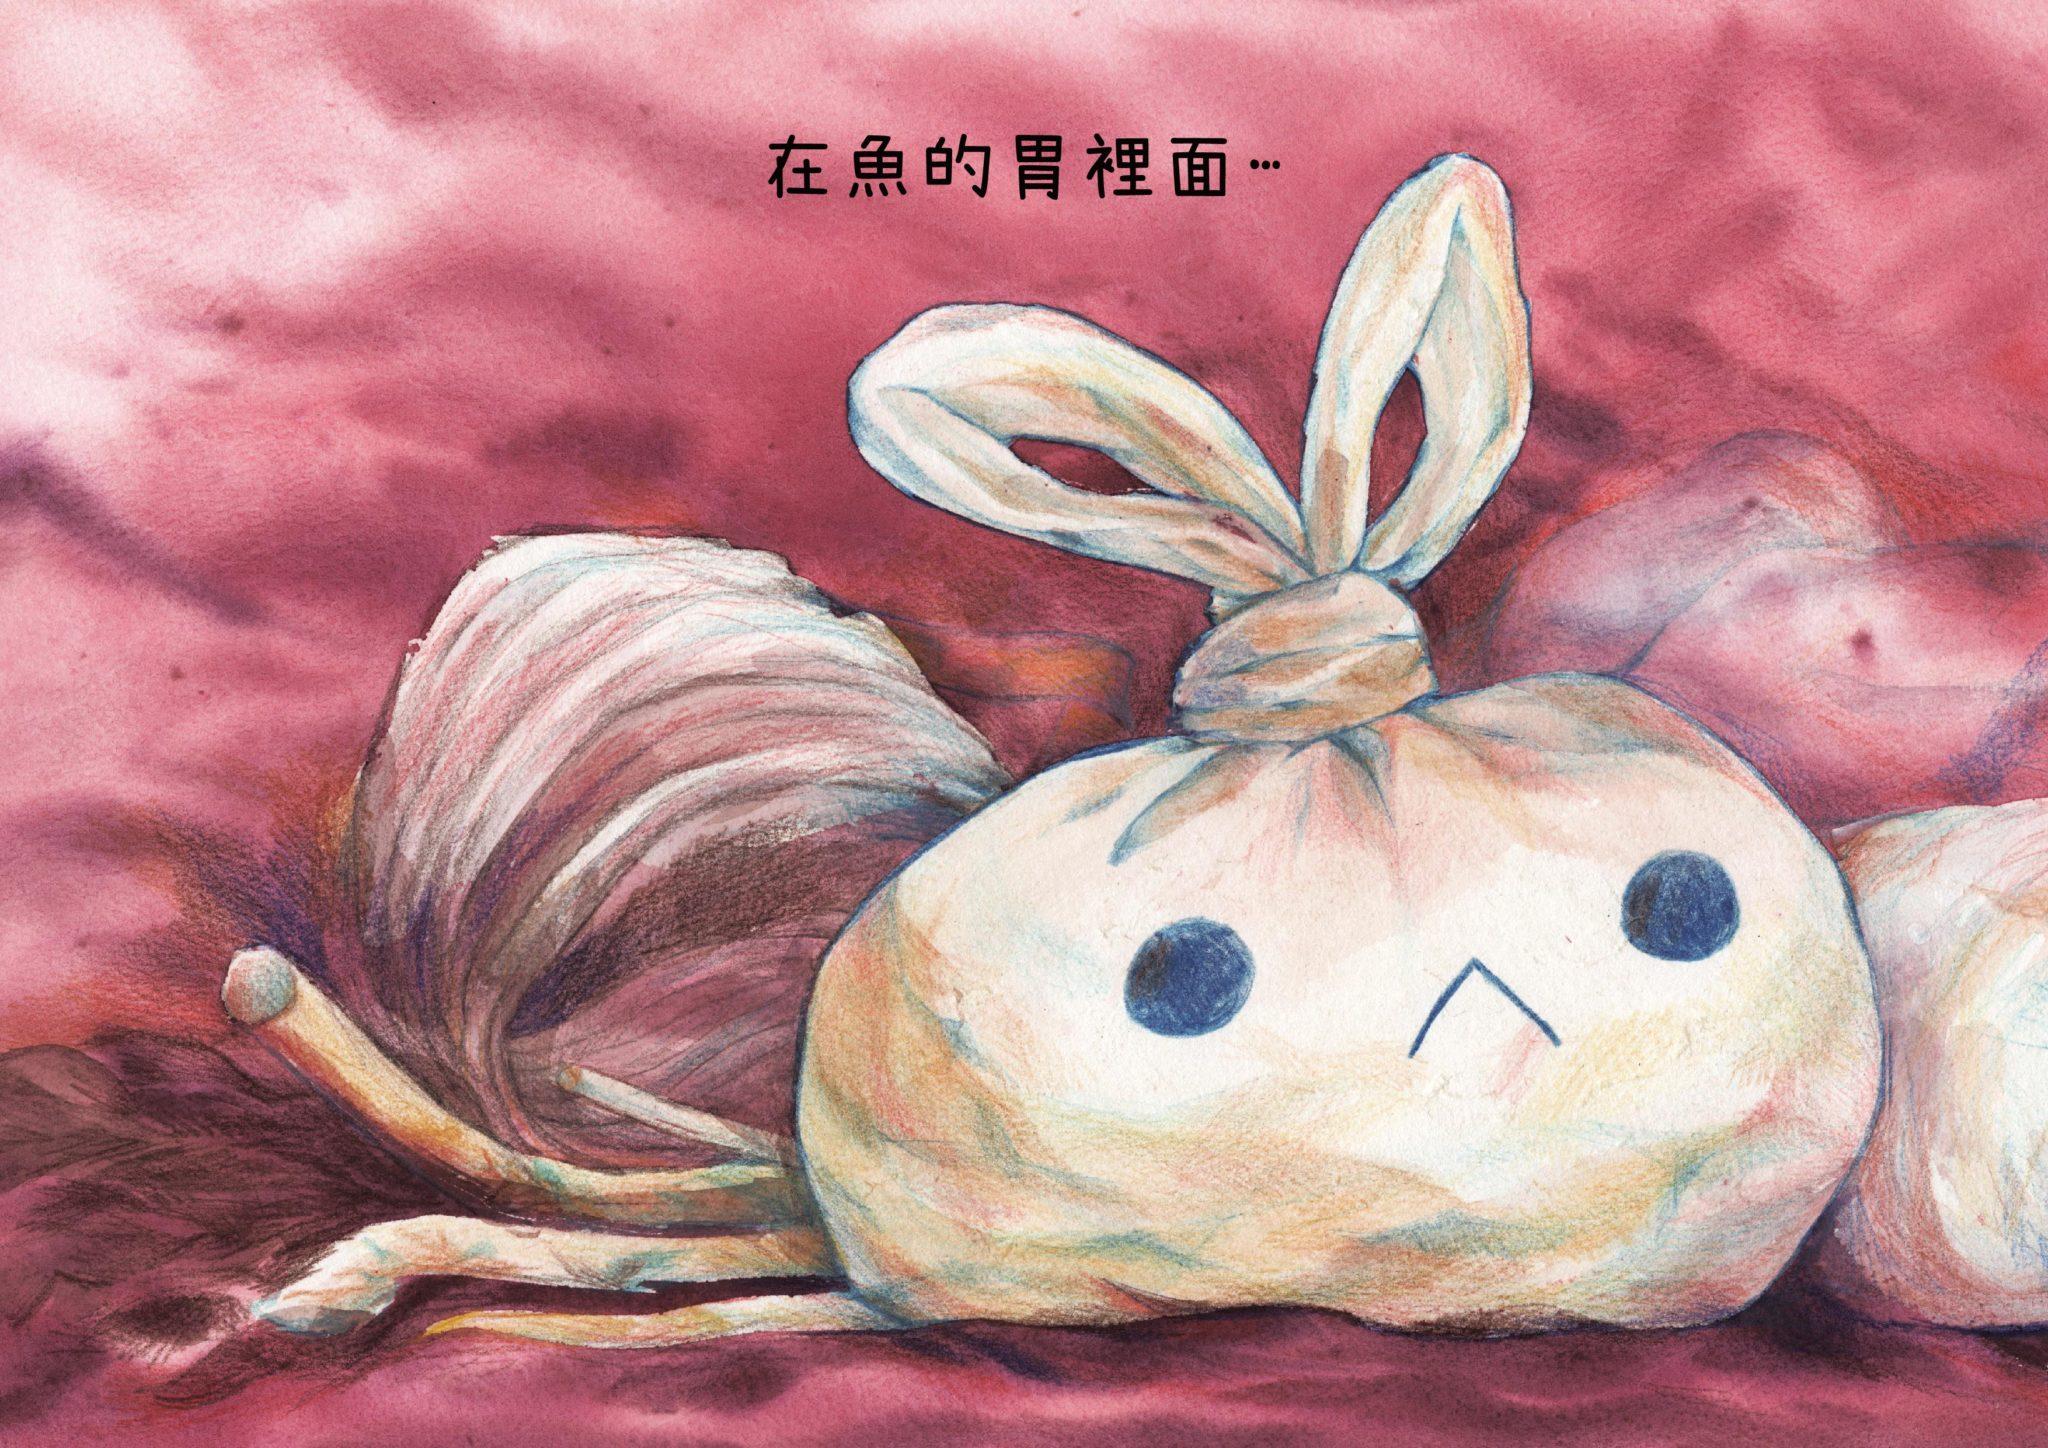 流浪到各處的小兔,甚至跑道魚的胃裡